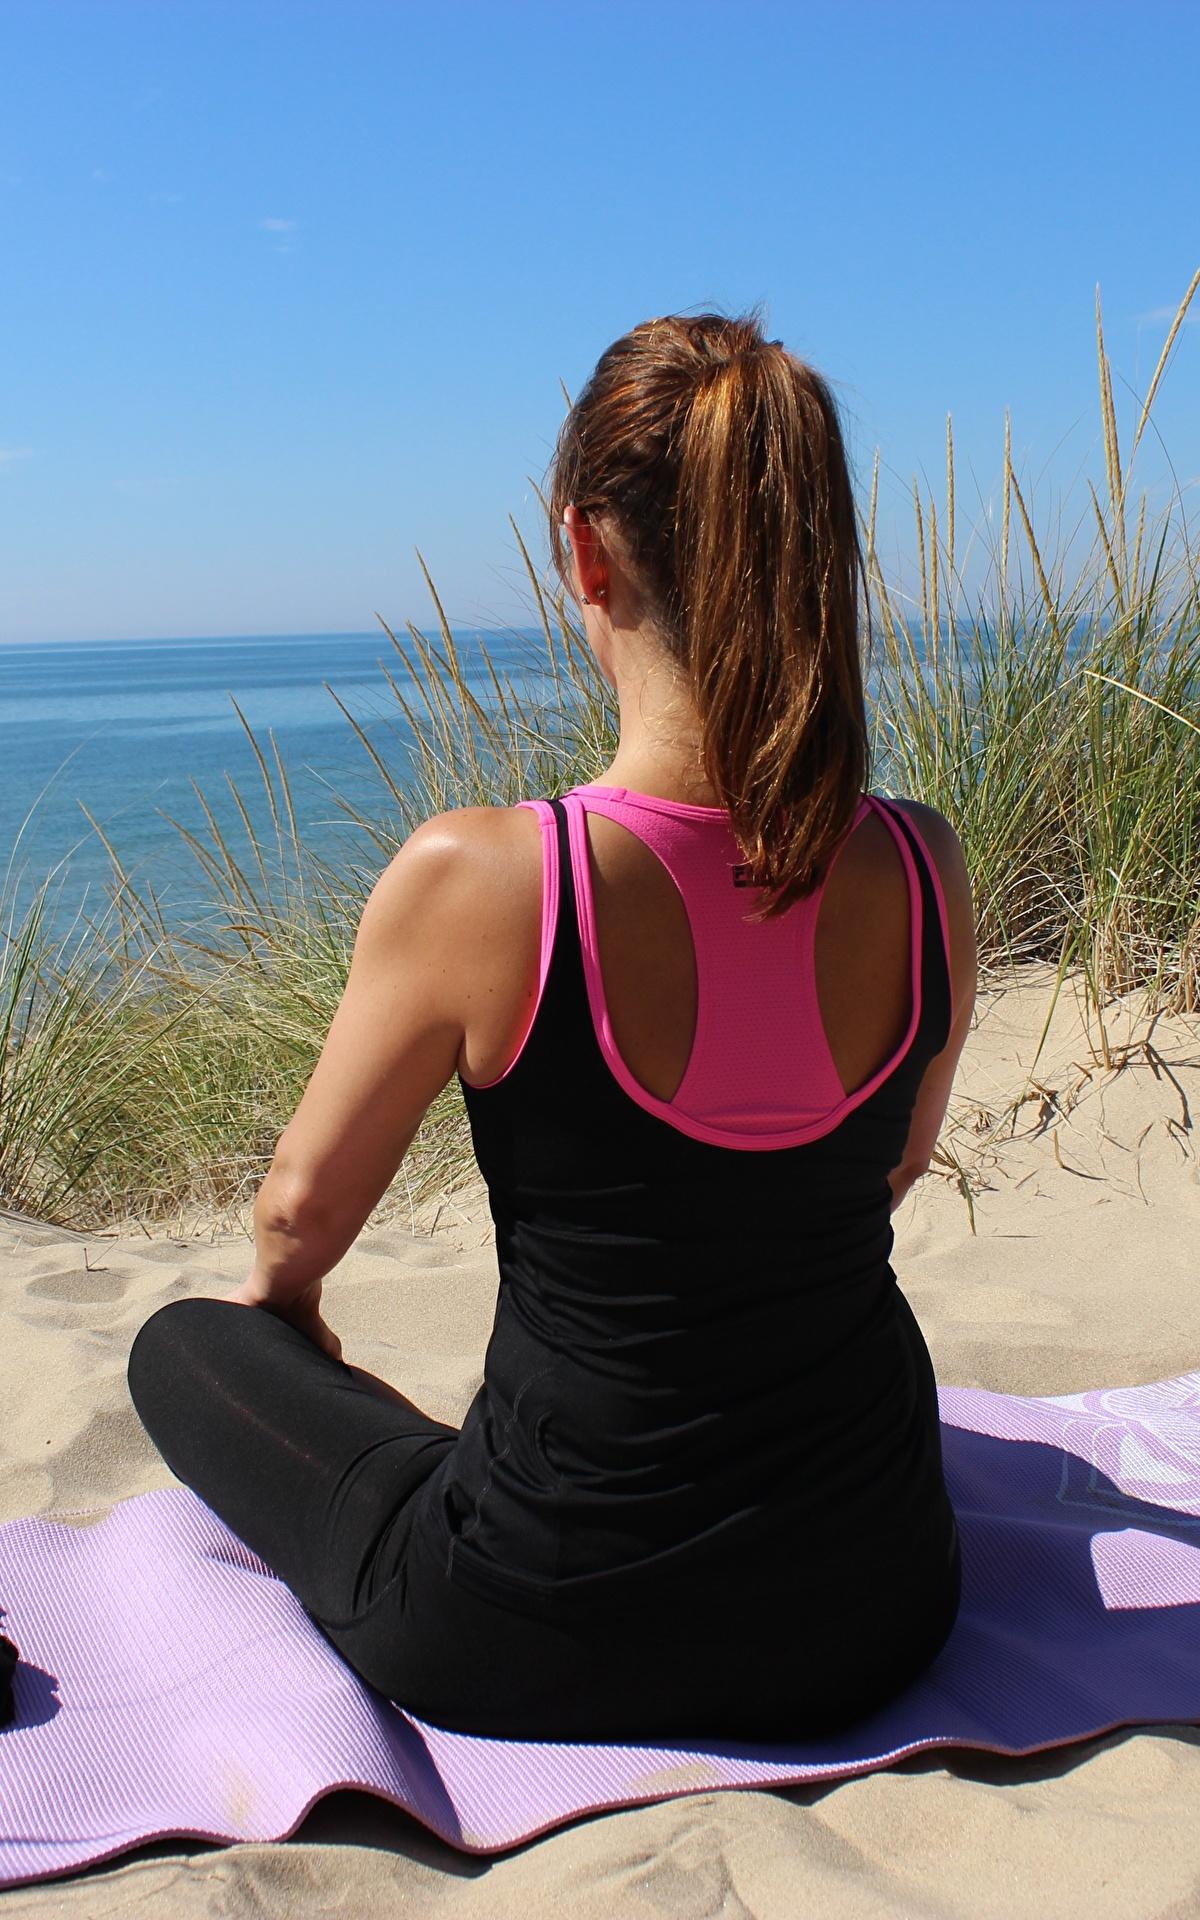 Bilder von Braunhaarige Joga Mädchens Sand Gras Brille Sitzend 1200x1920 Braune Haare Yoga